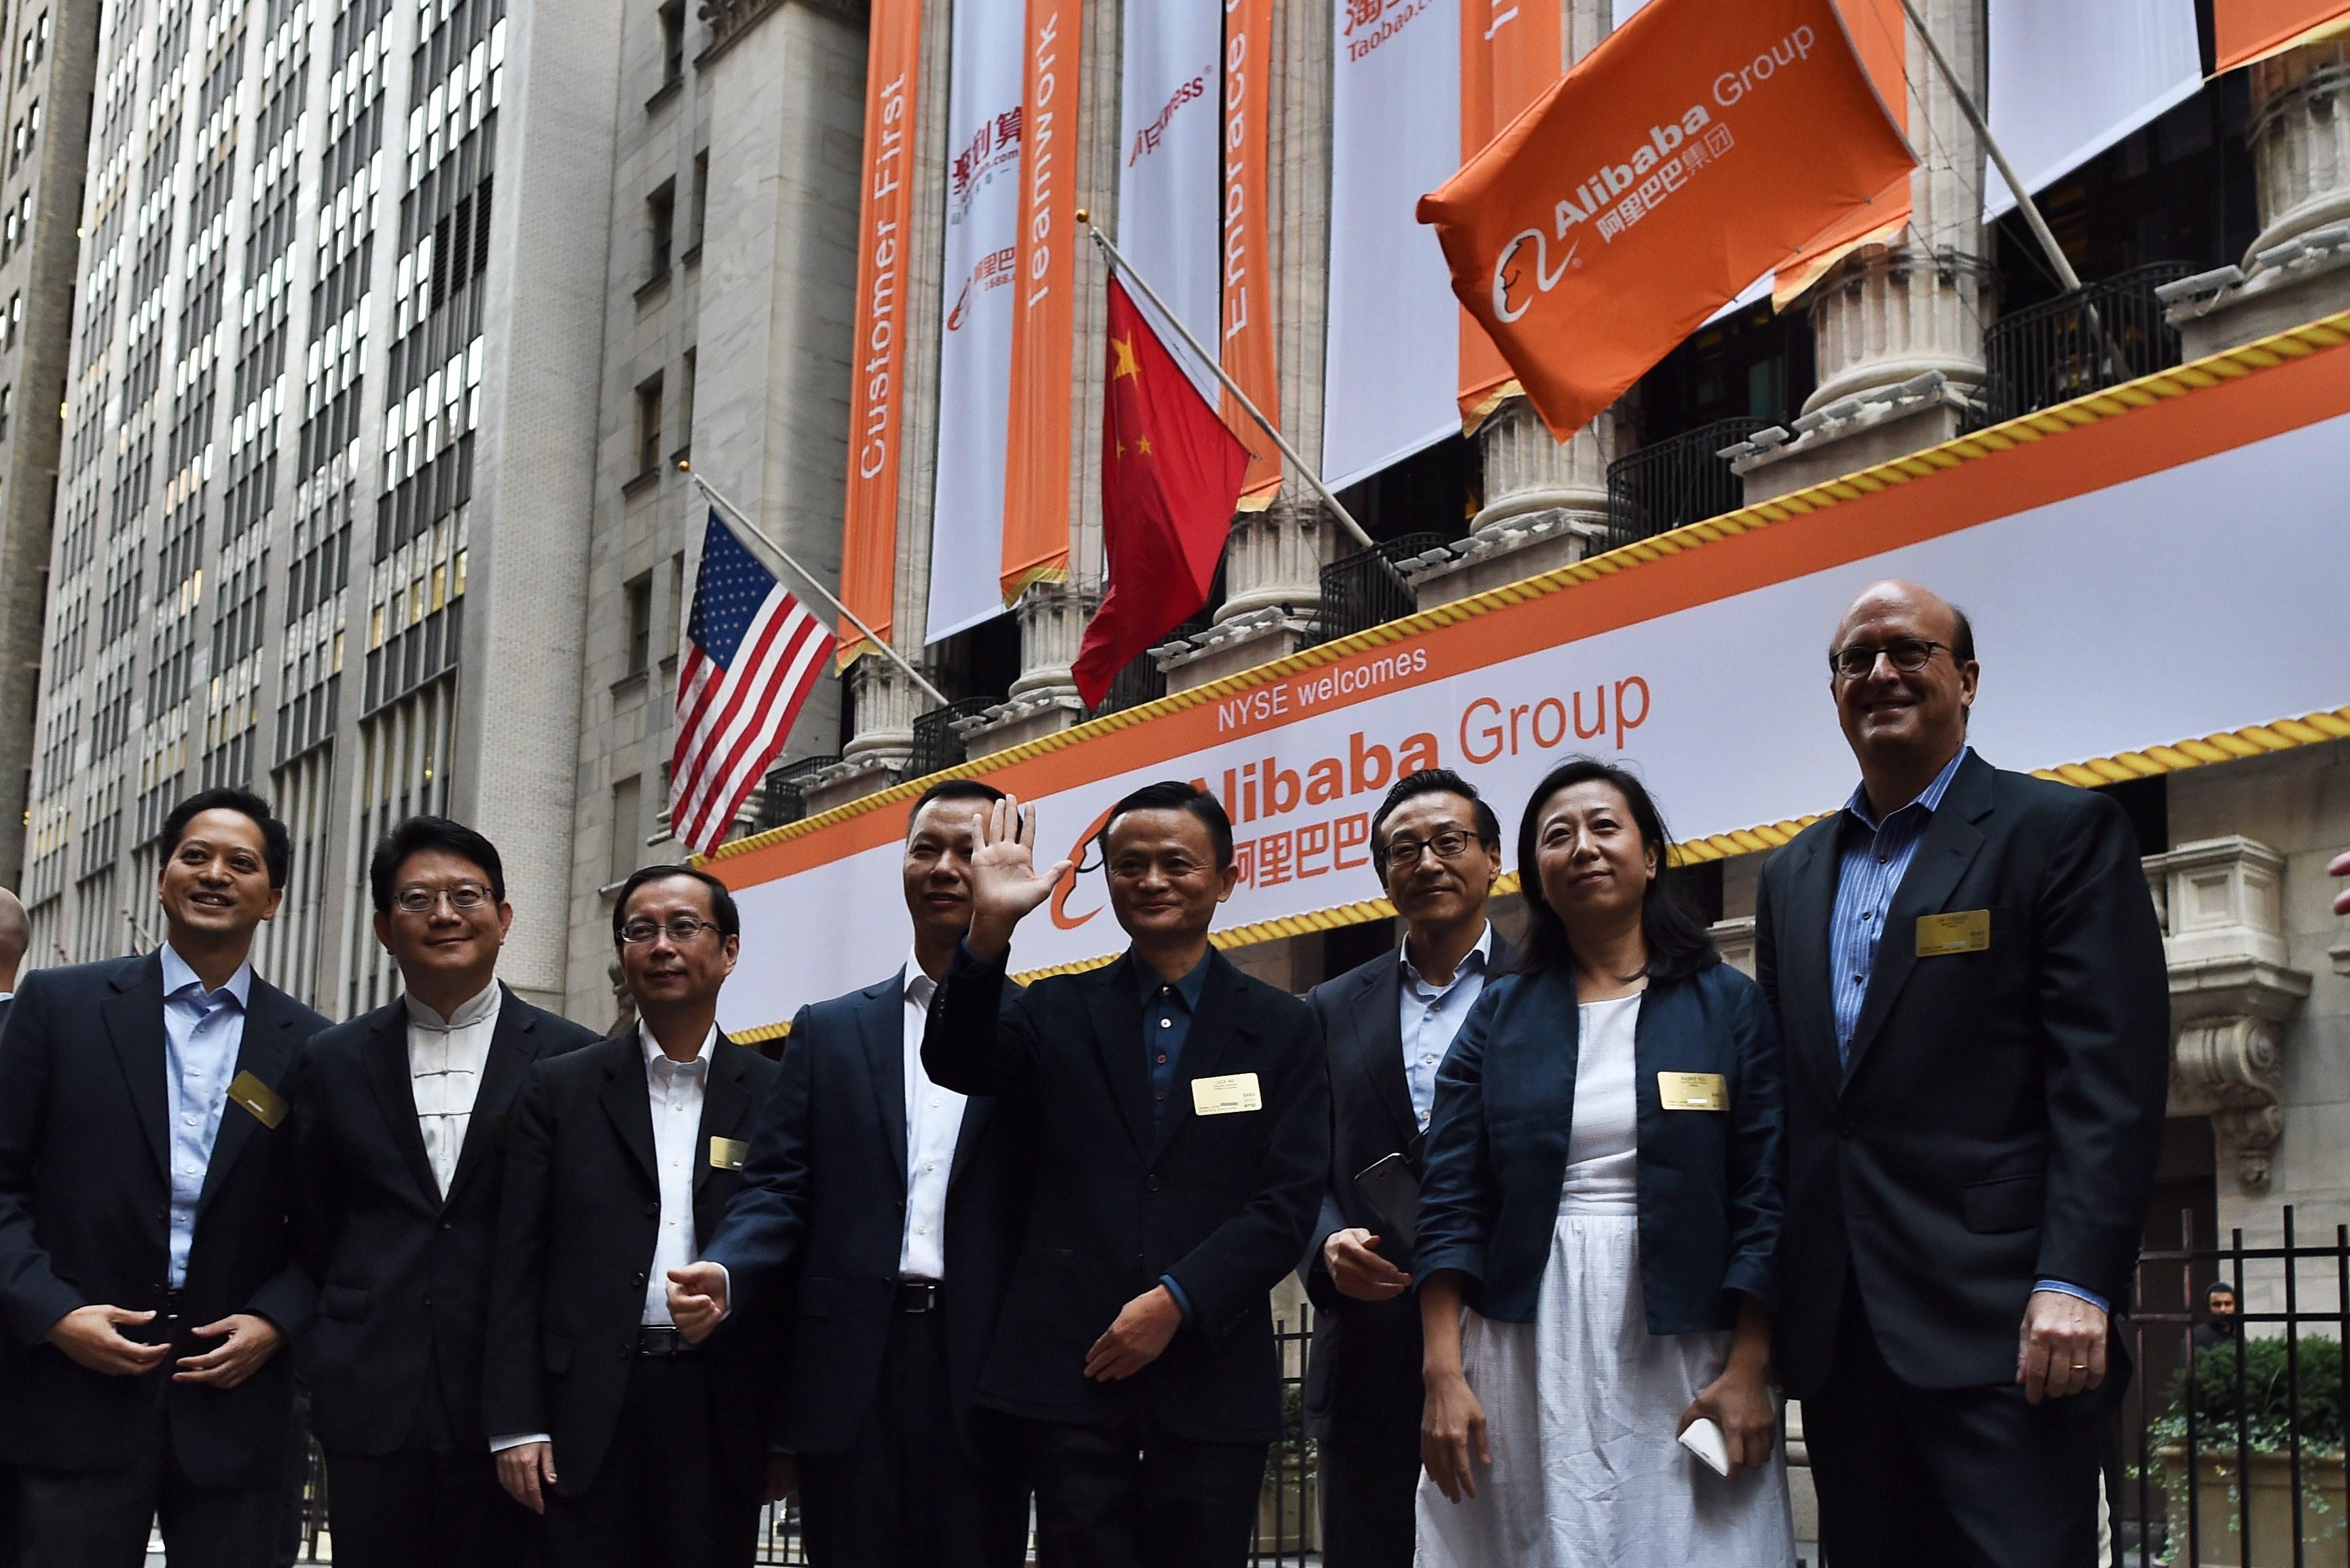 Alibaba Kicks Off Its Ipo On The New York Stock Exchange Import & export on alibaba.com. alibaba kicks off its ipo on the new york stock exchange